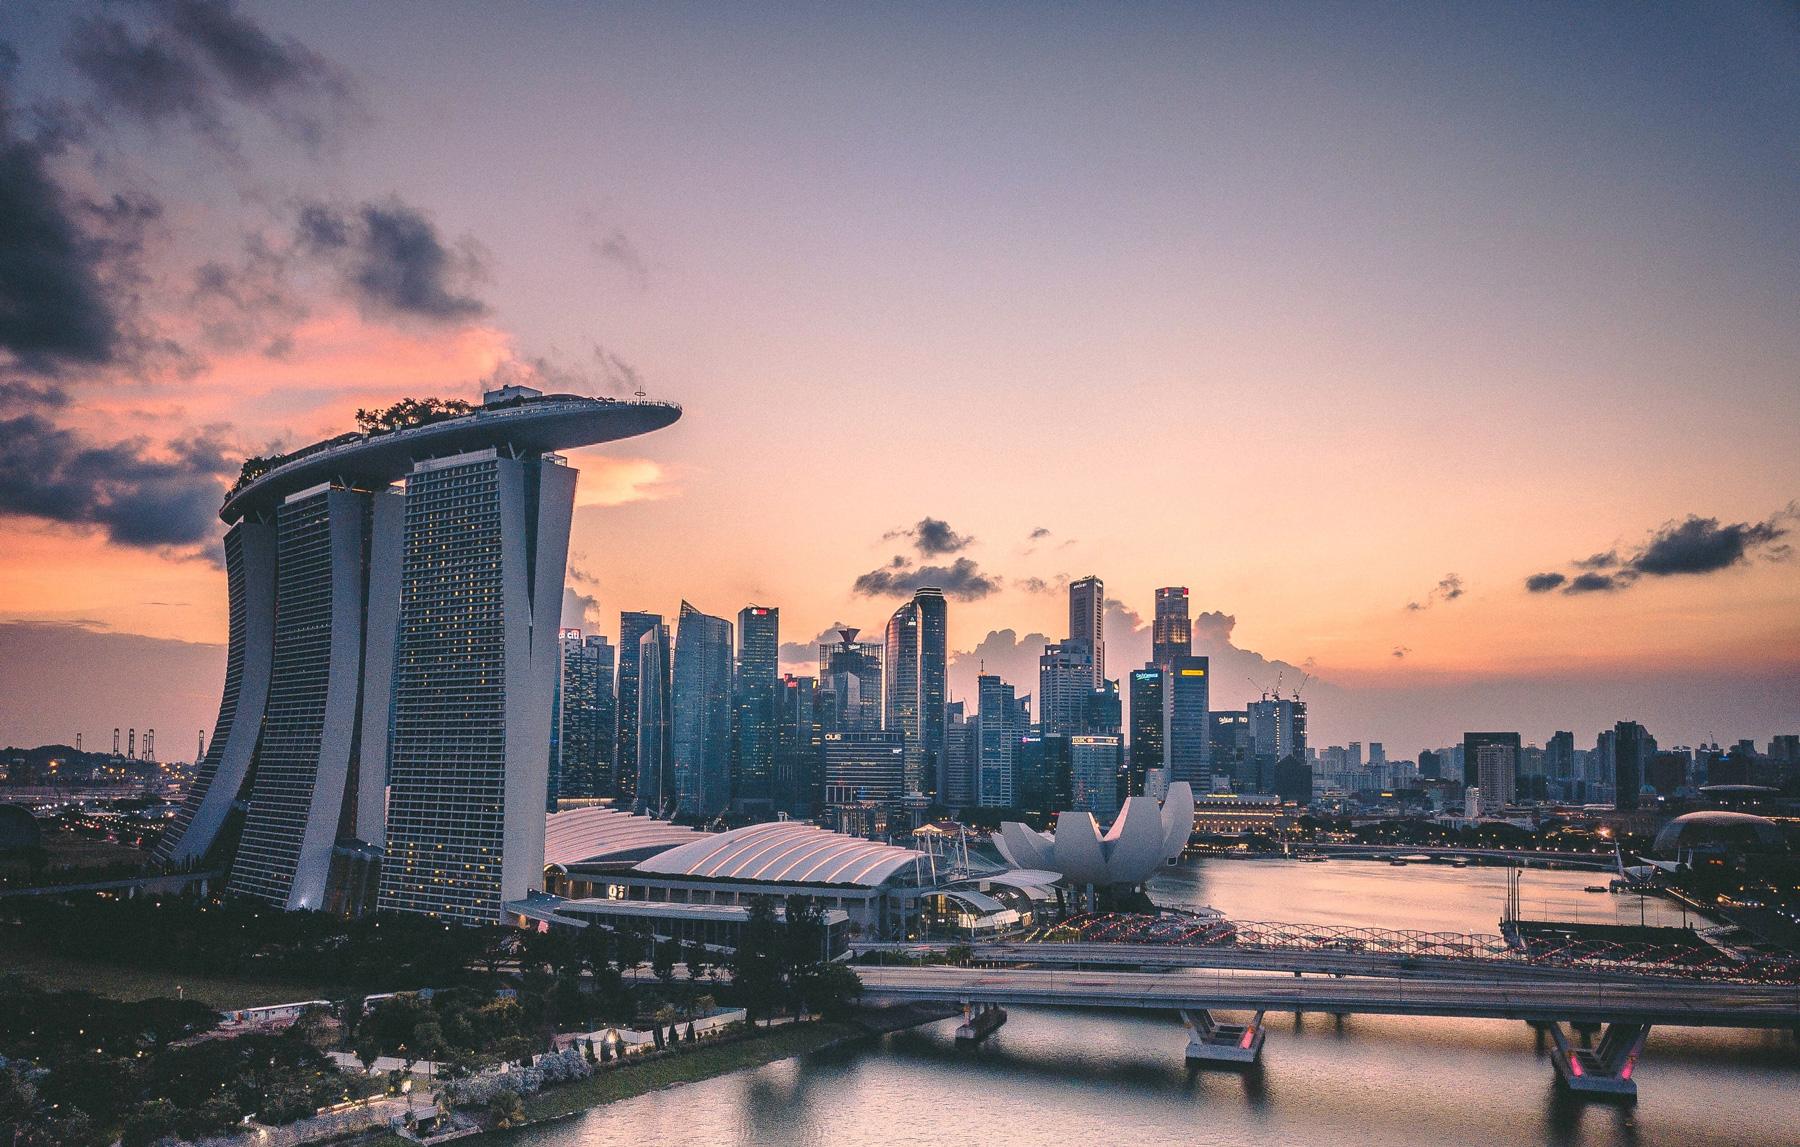 Singapura  - Singapore 1 54